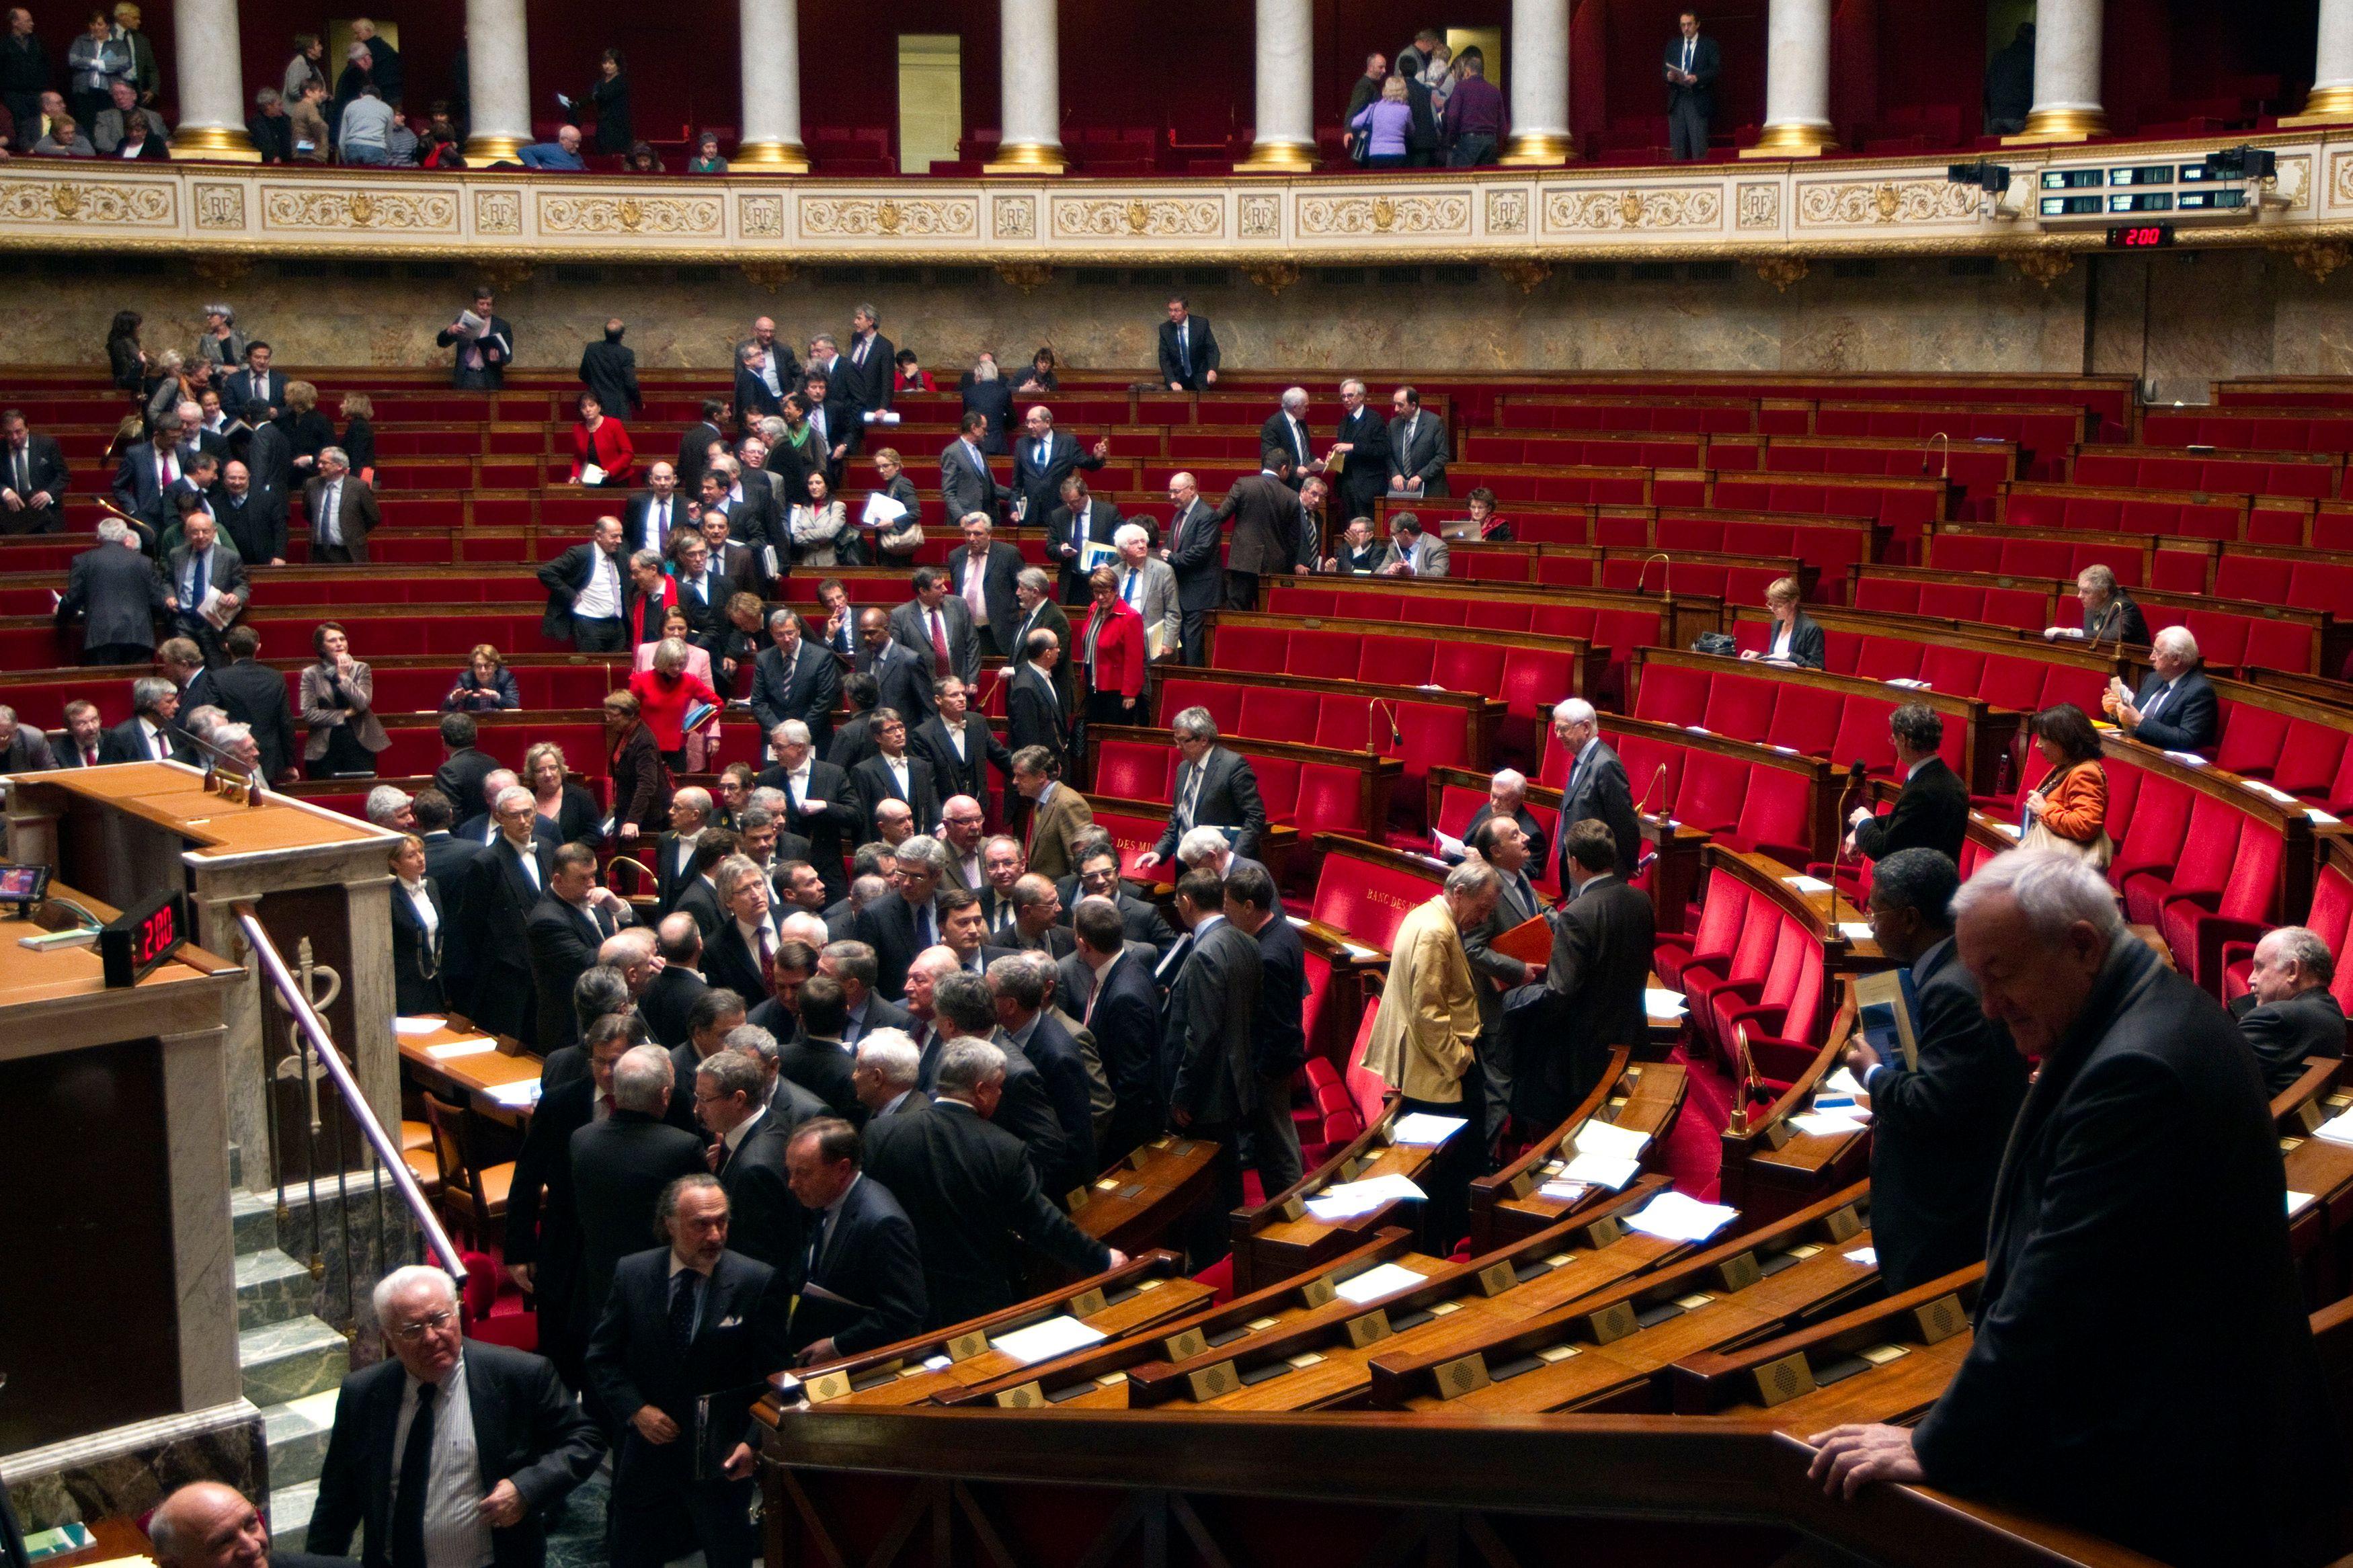 La réserve parlementaire n'est pas encore égalitaire